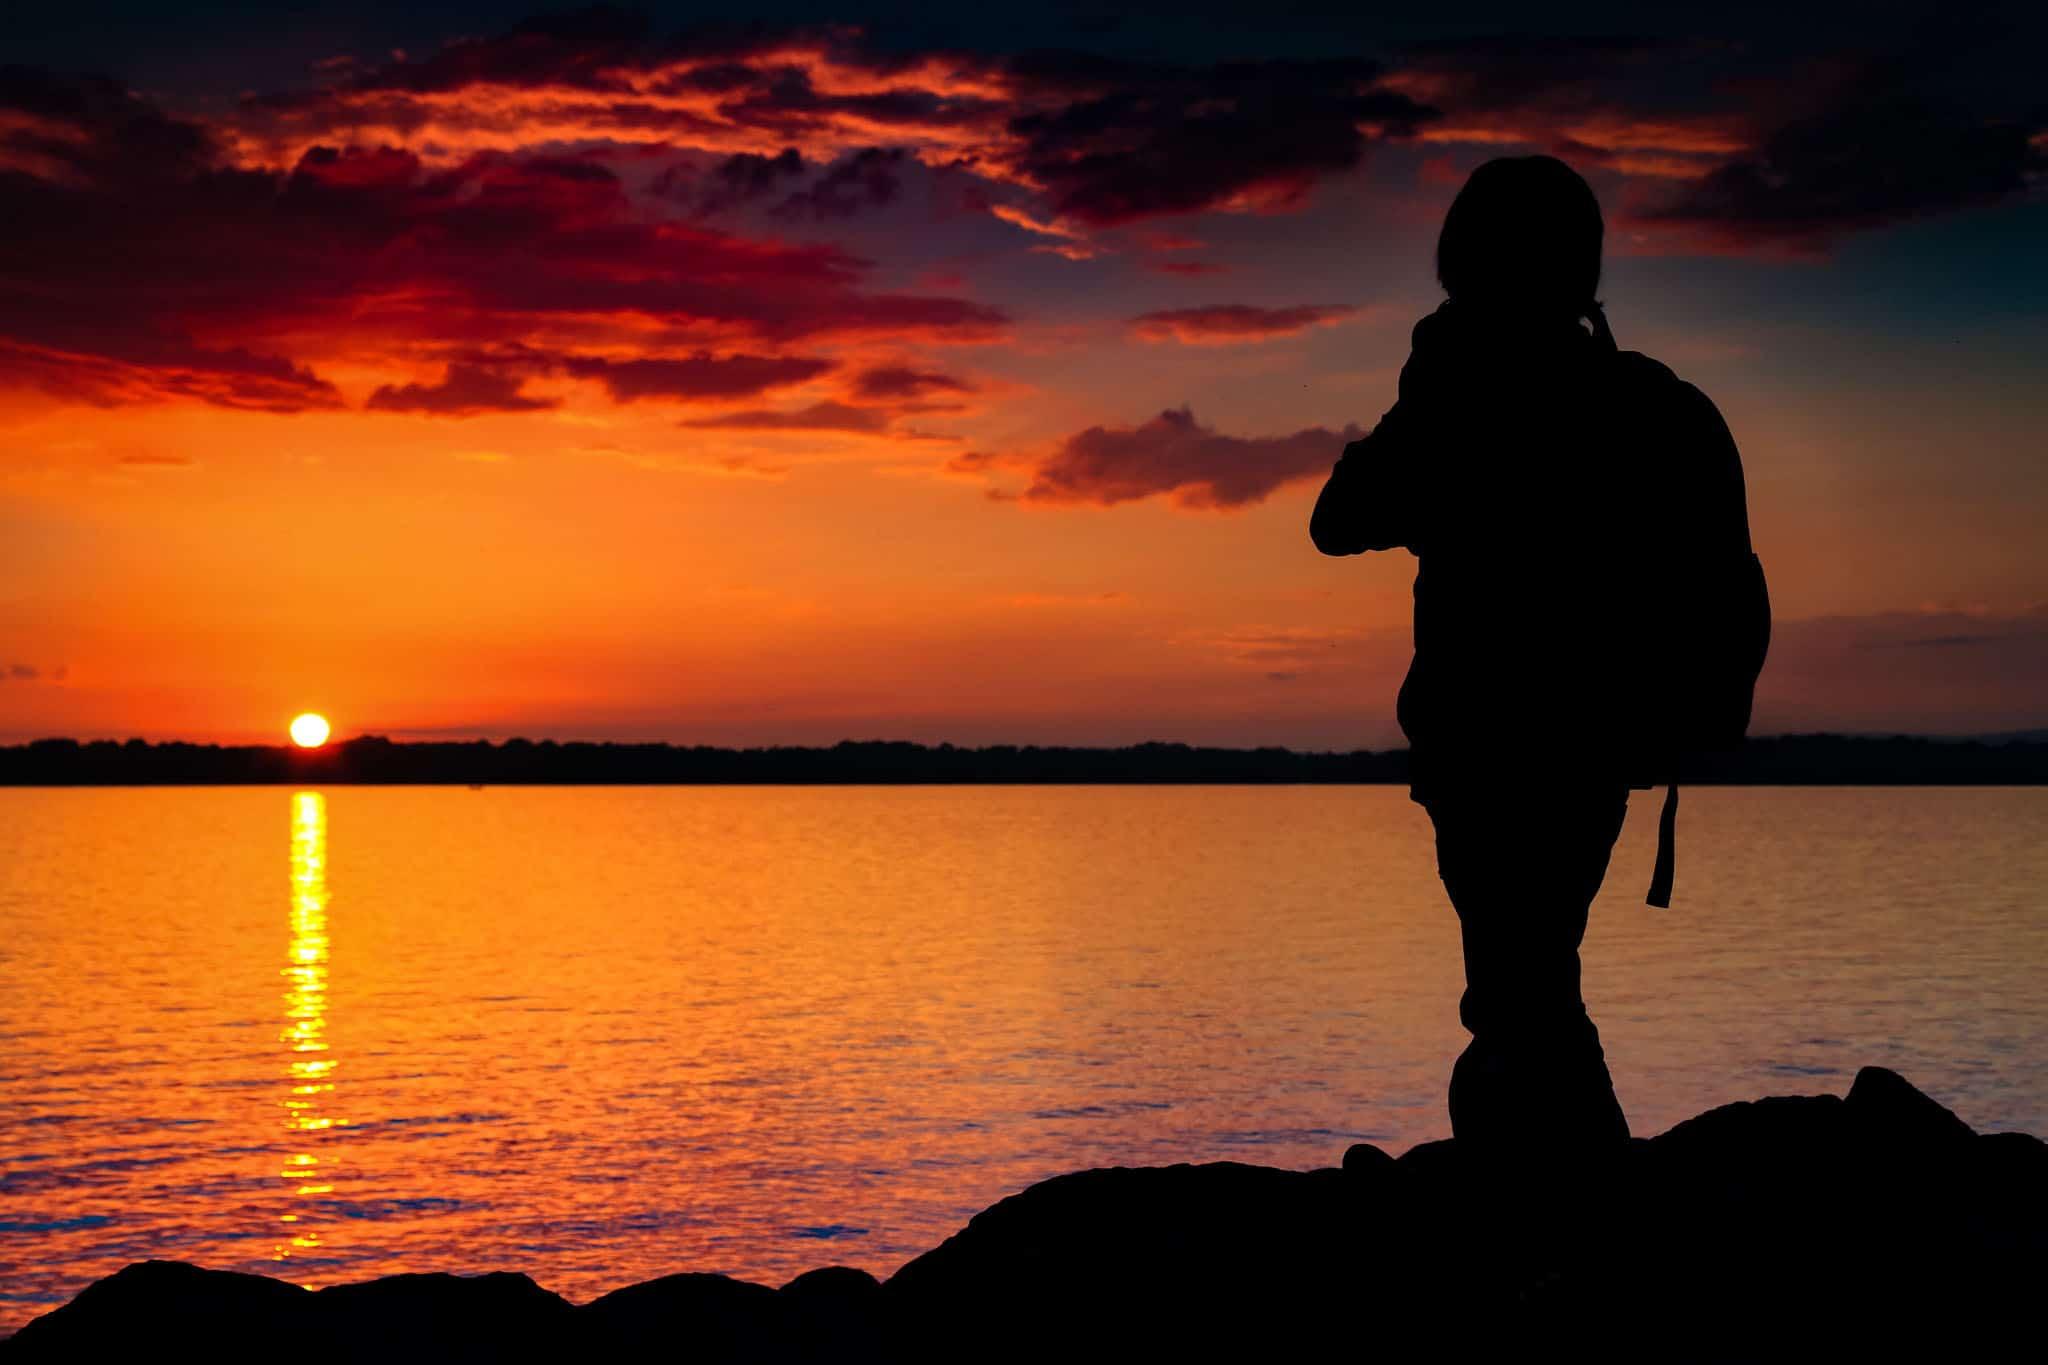 Pojke med kamera i solnedgång, småbåtshamnen, Bromölla